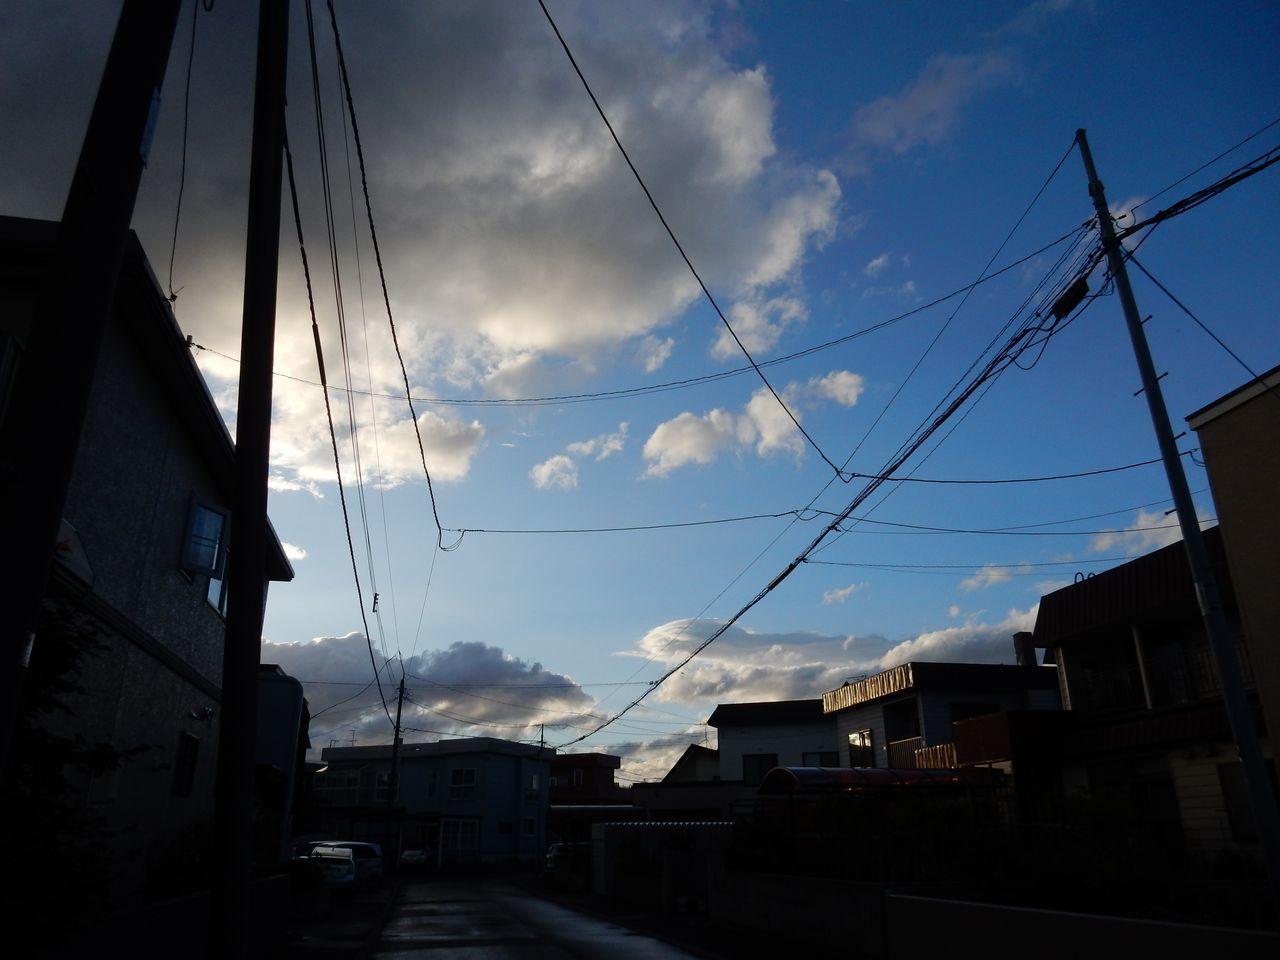 午後遅くなってからようやく「台風一過」の雰囲気に_c0025115_22591044.jpg